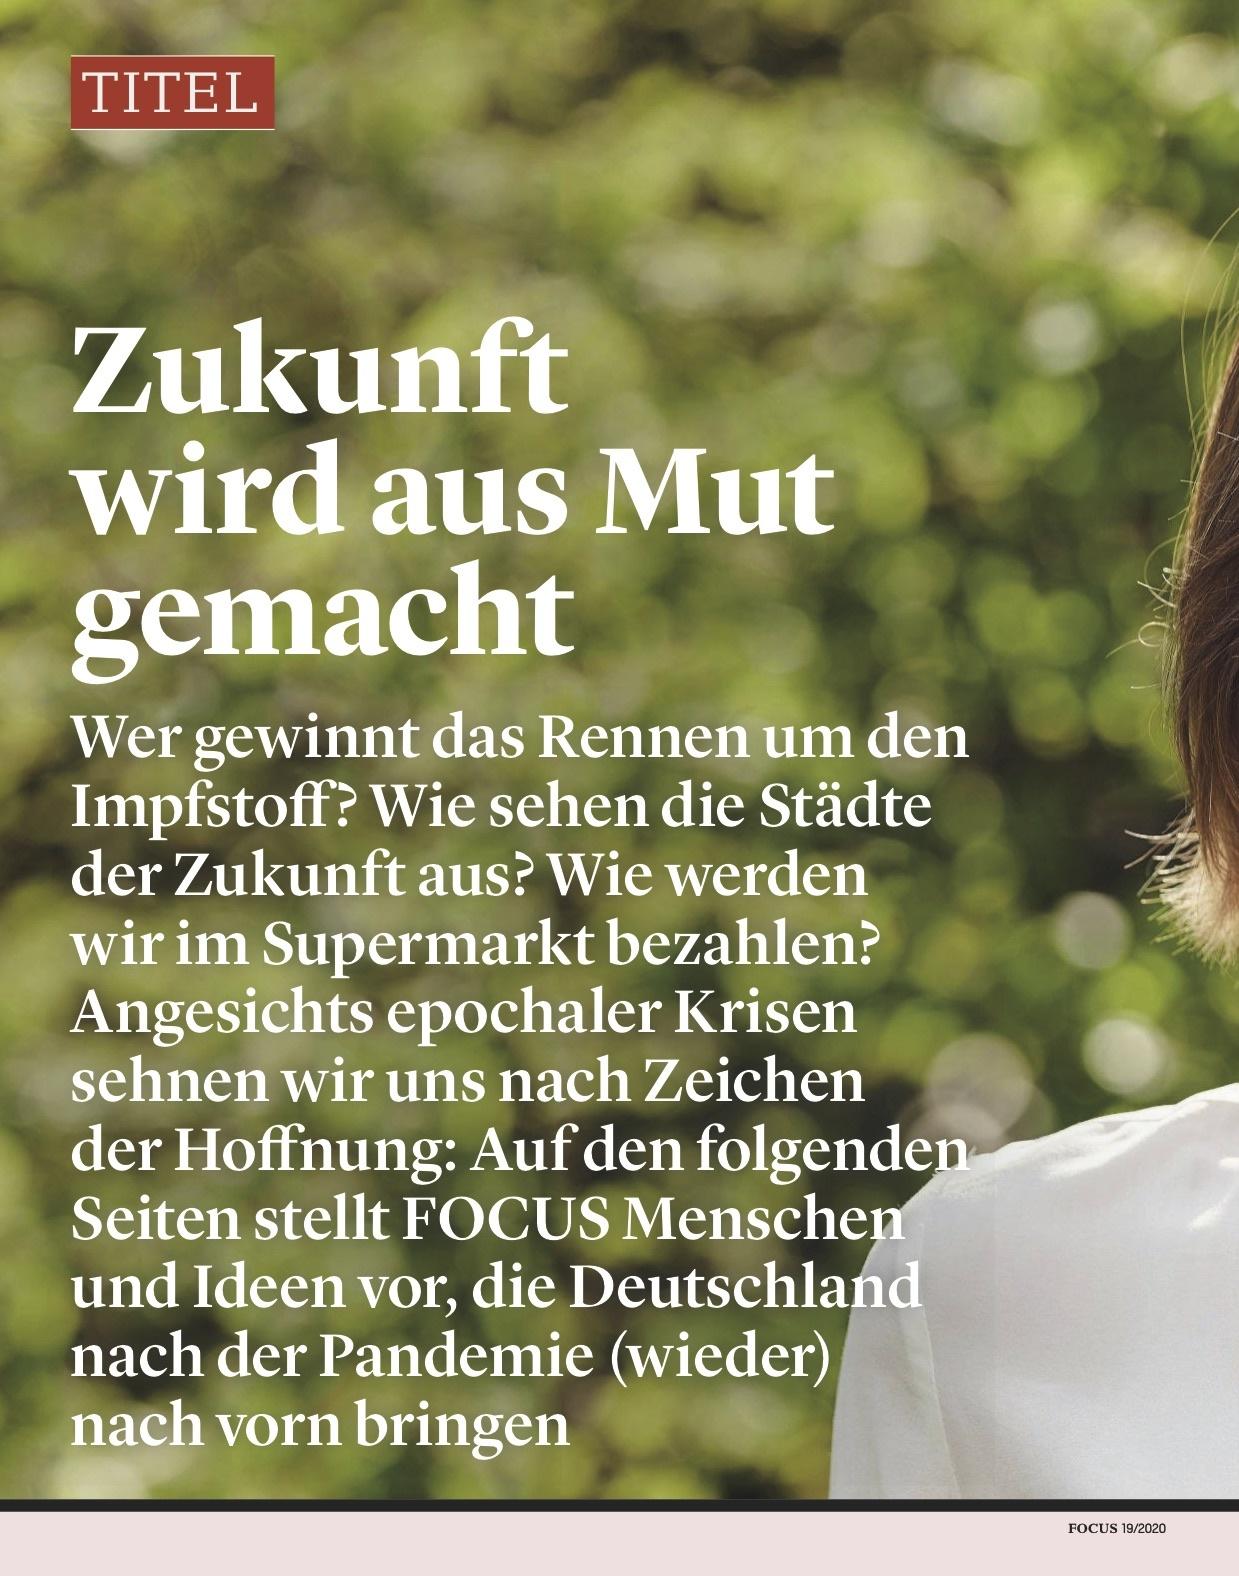 FOCUS Magazin FOCUS Magazin - Aufbruch Zukunft